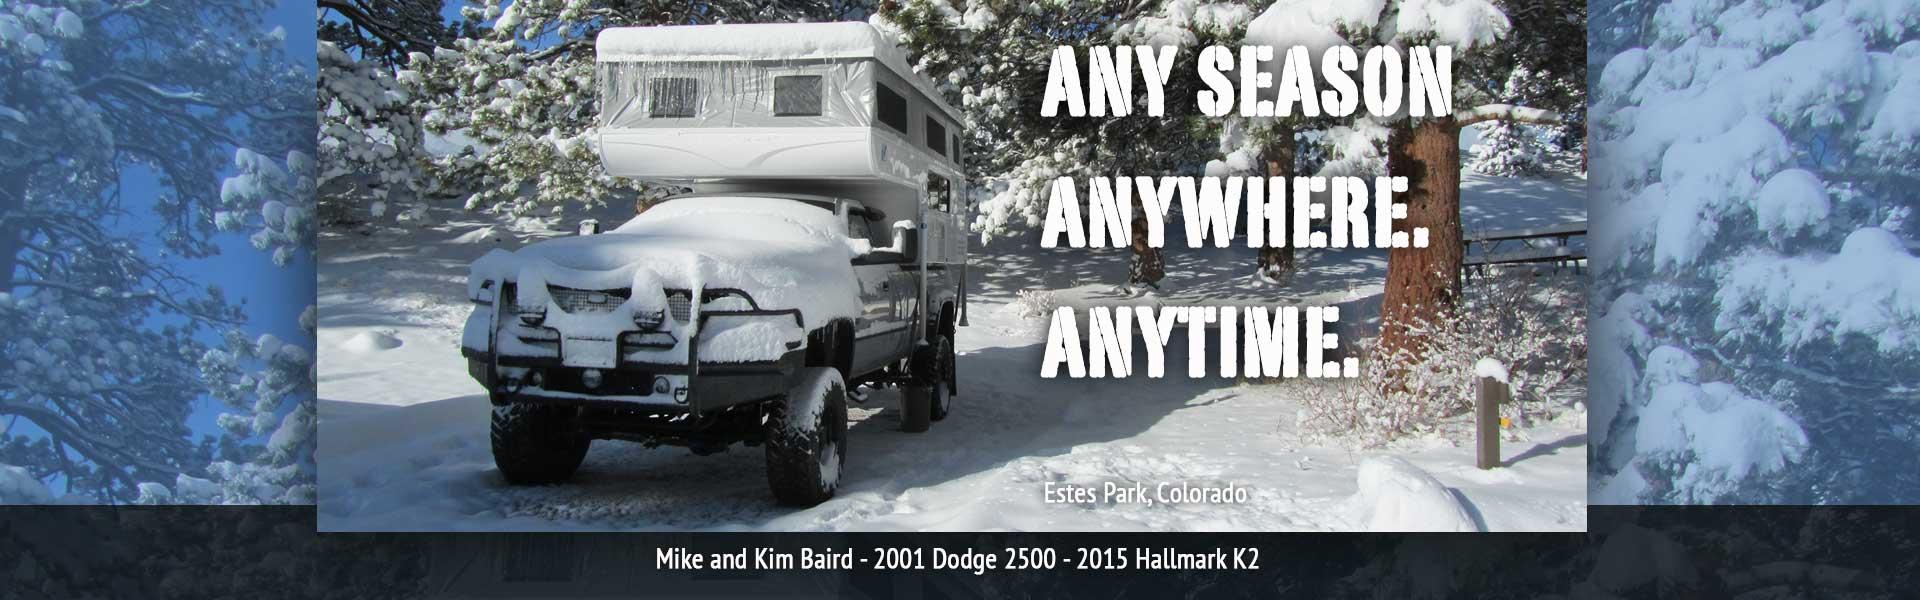 Hallmark Rv The Best Pop Up Truck Camper